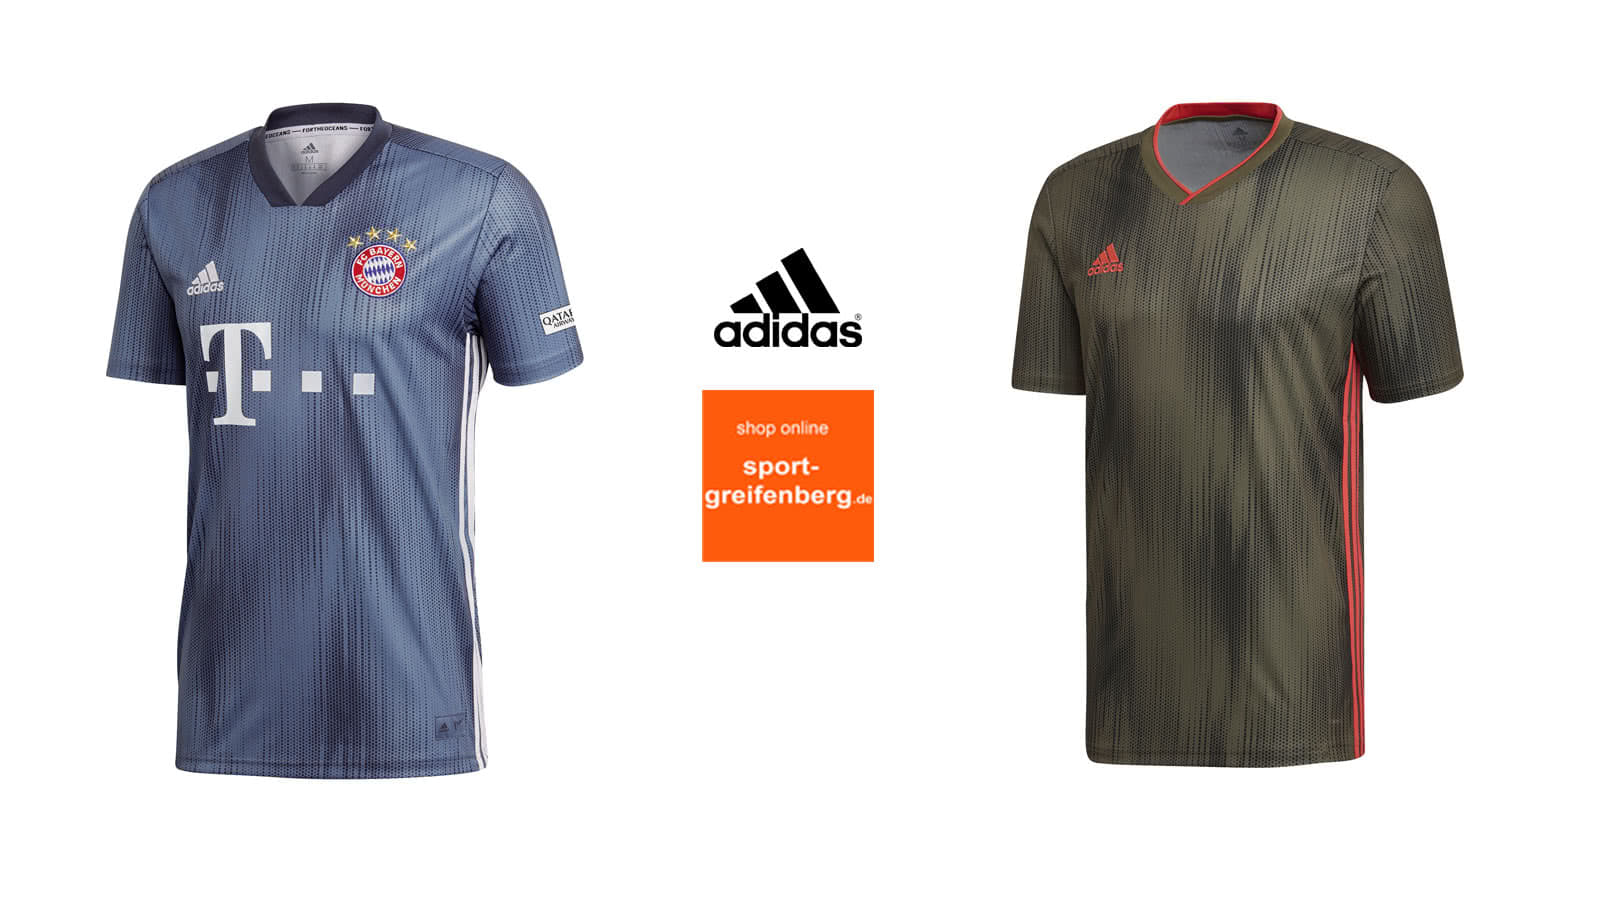 Das adidas tiro 19 jersey das trikot des fc bayern, juventus turin und manchester united